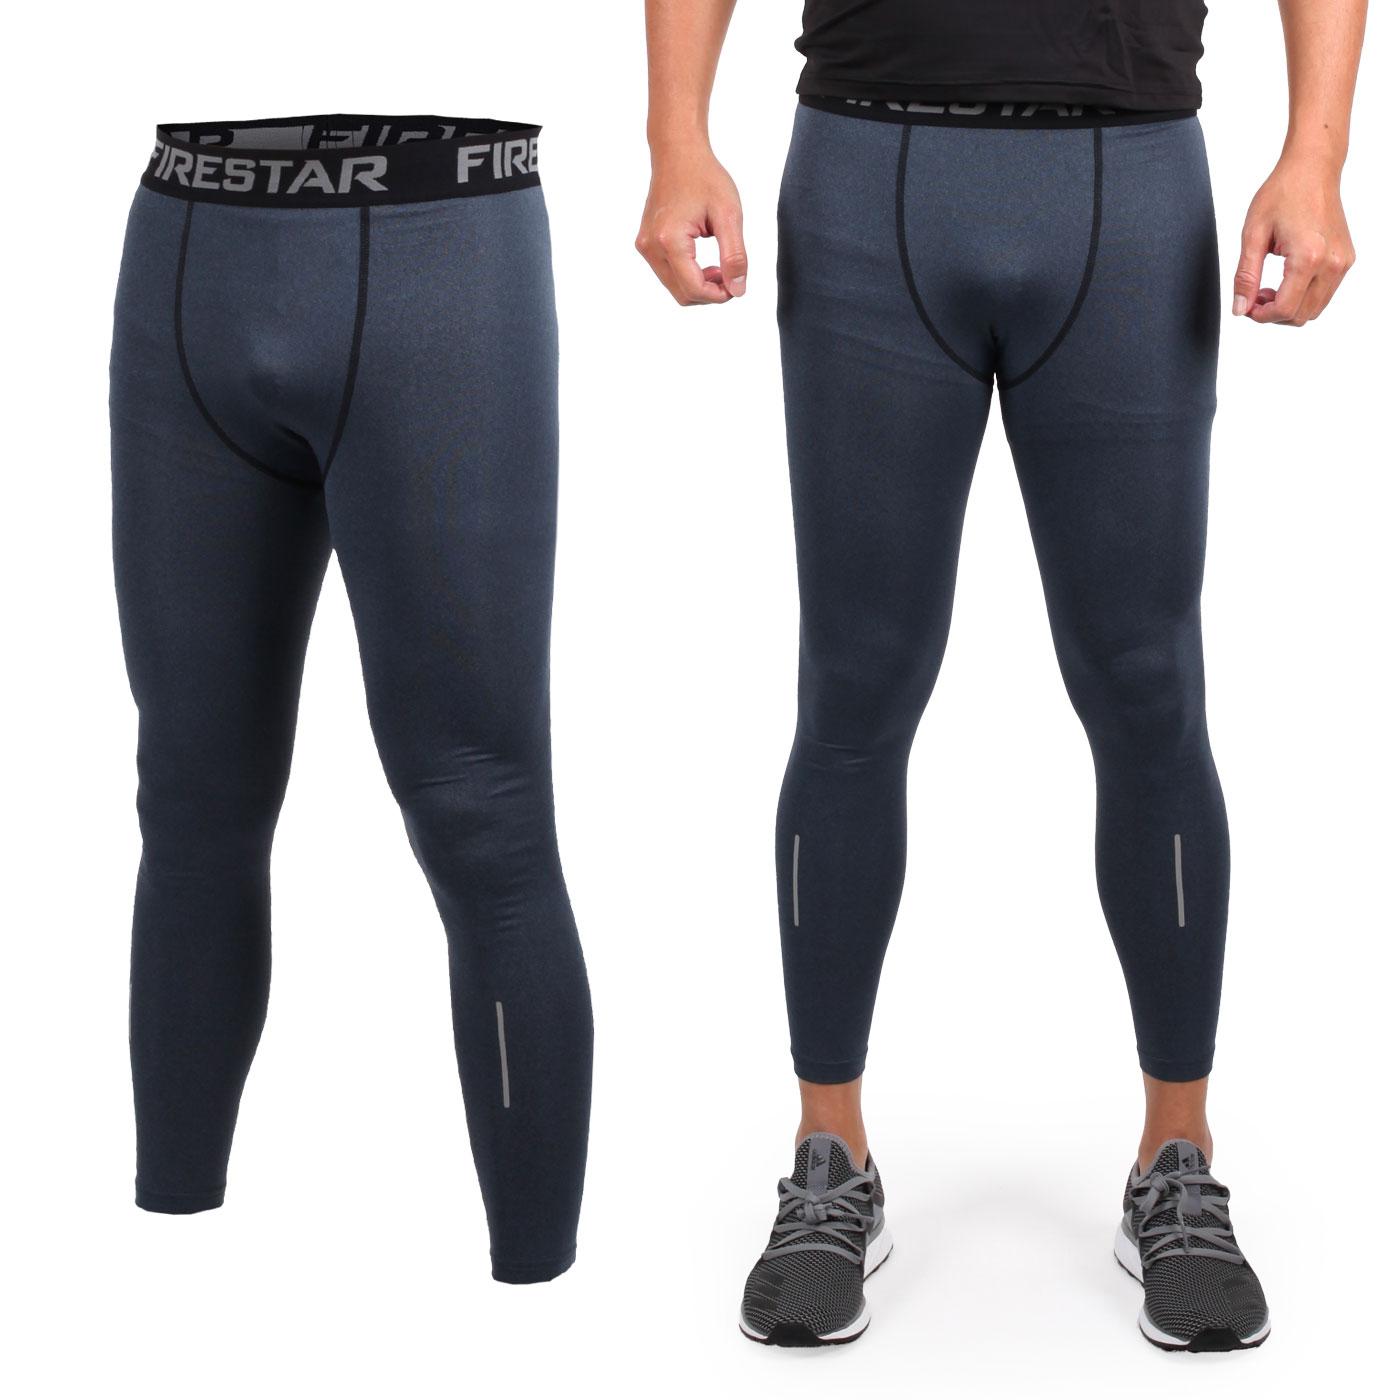 FIRESTAR 男款機能緊身長褲  N7903-18 - 深麻灰黑